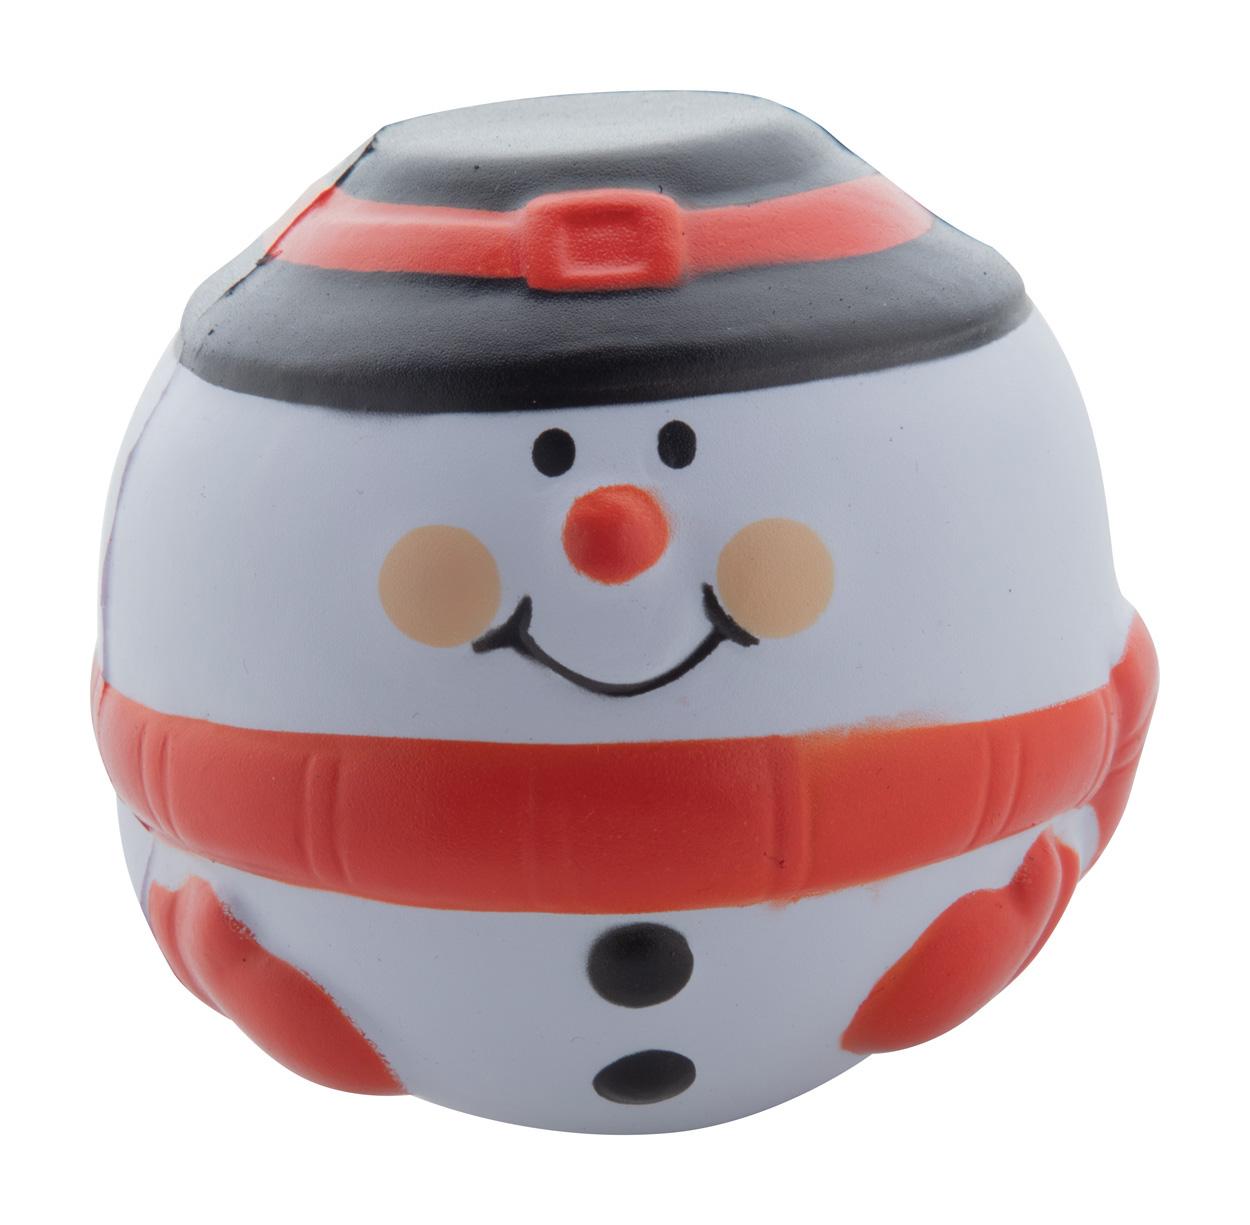 Snowman antistress ball